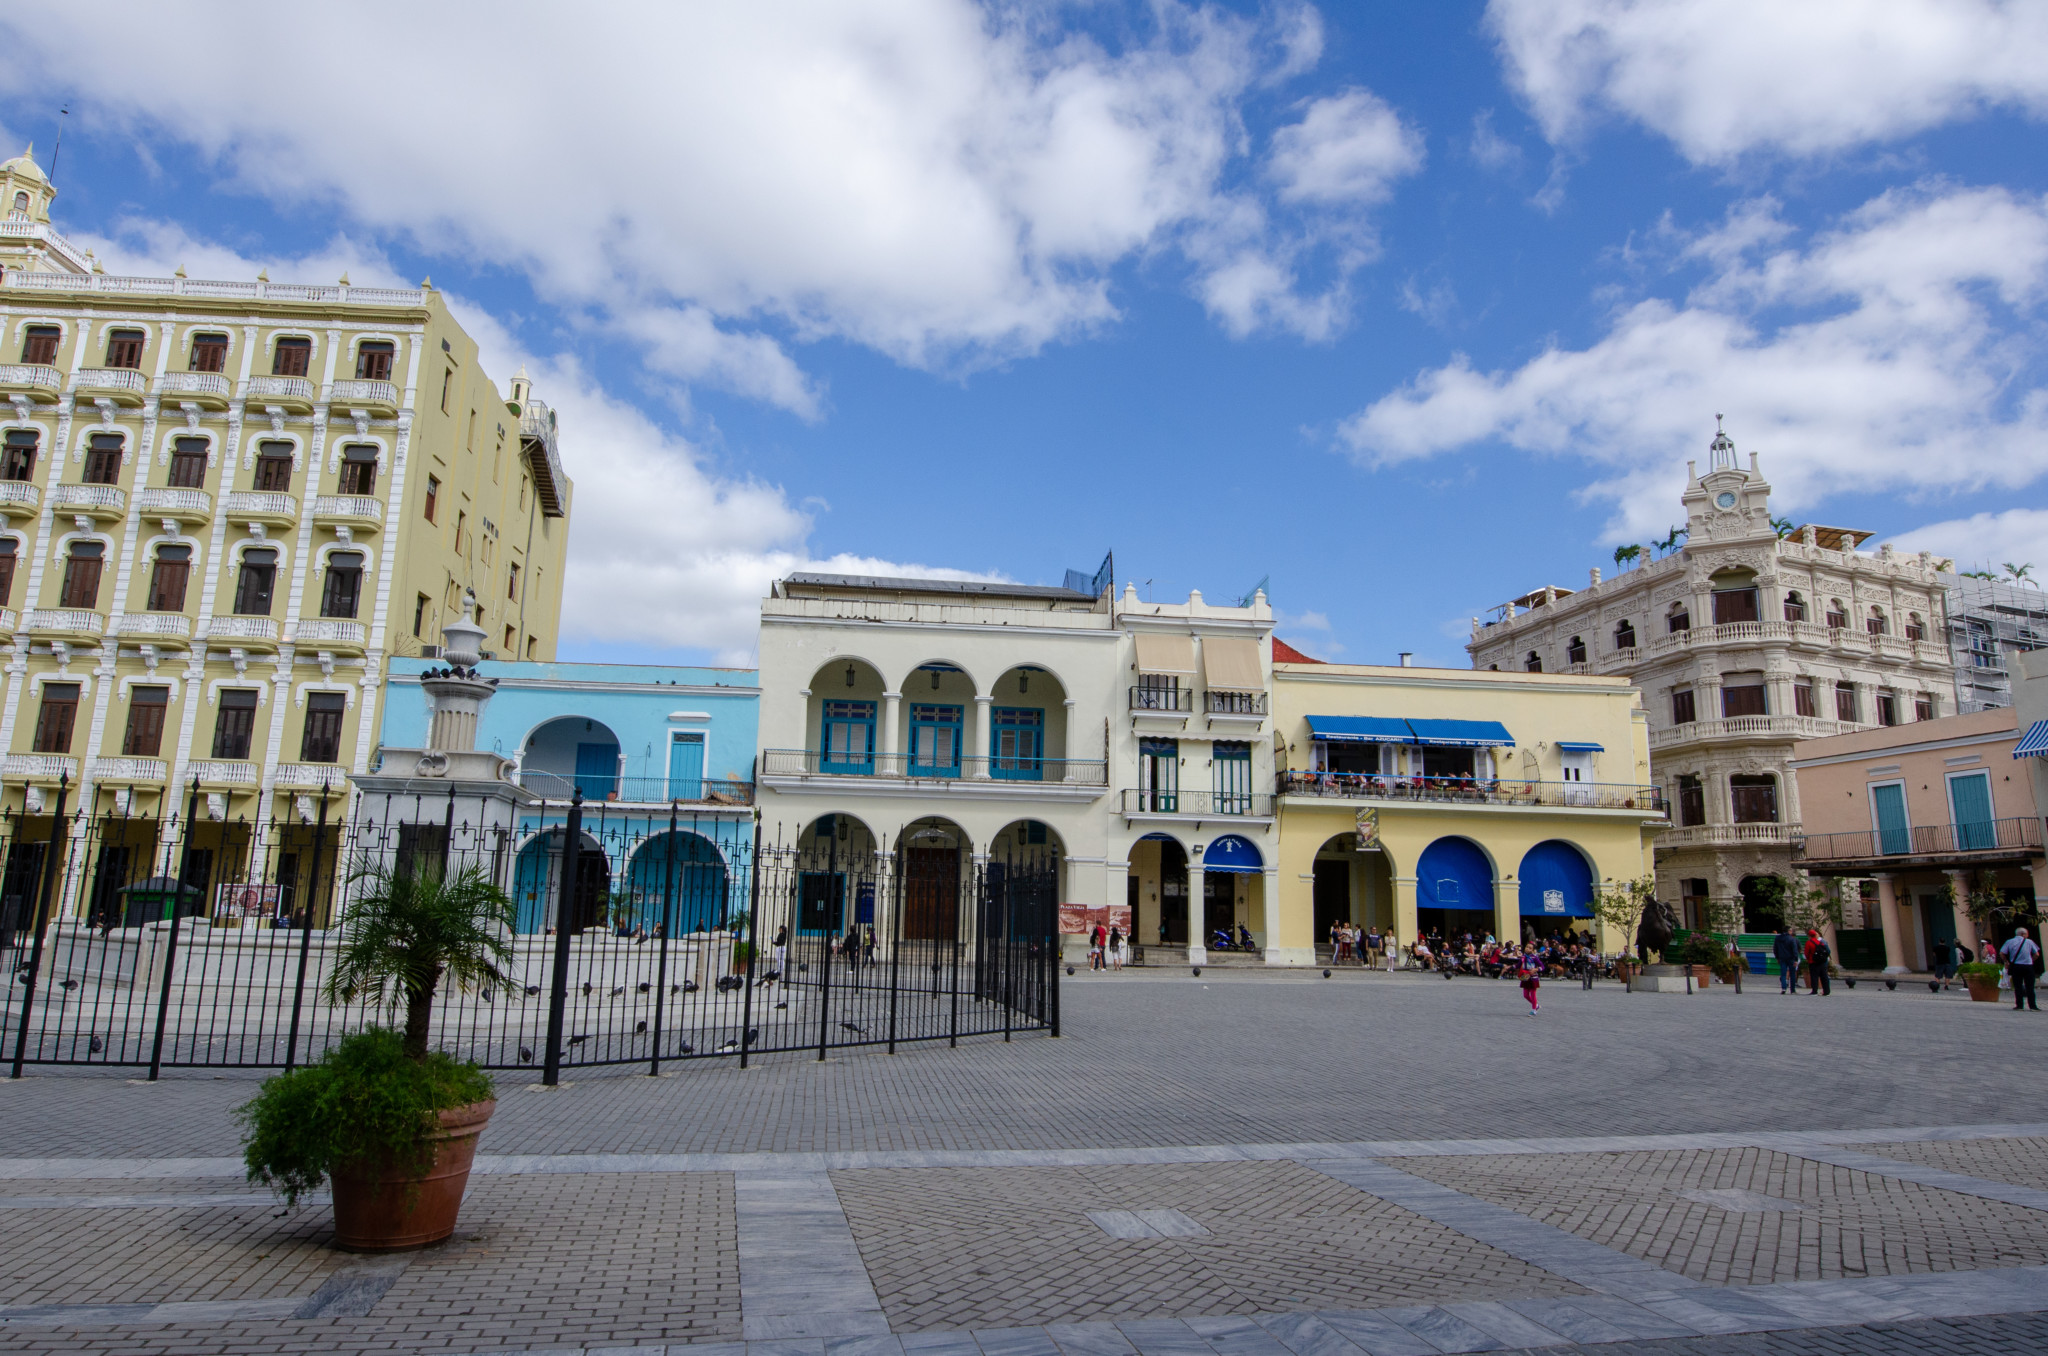 Die meisten Touristen findet man auf dem Plaza Vieja